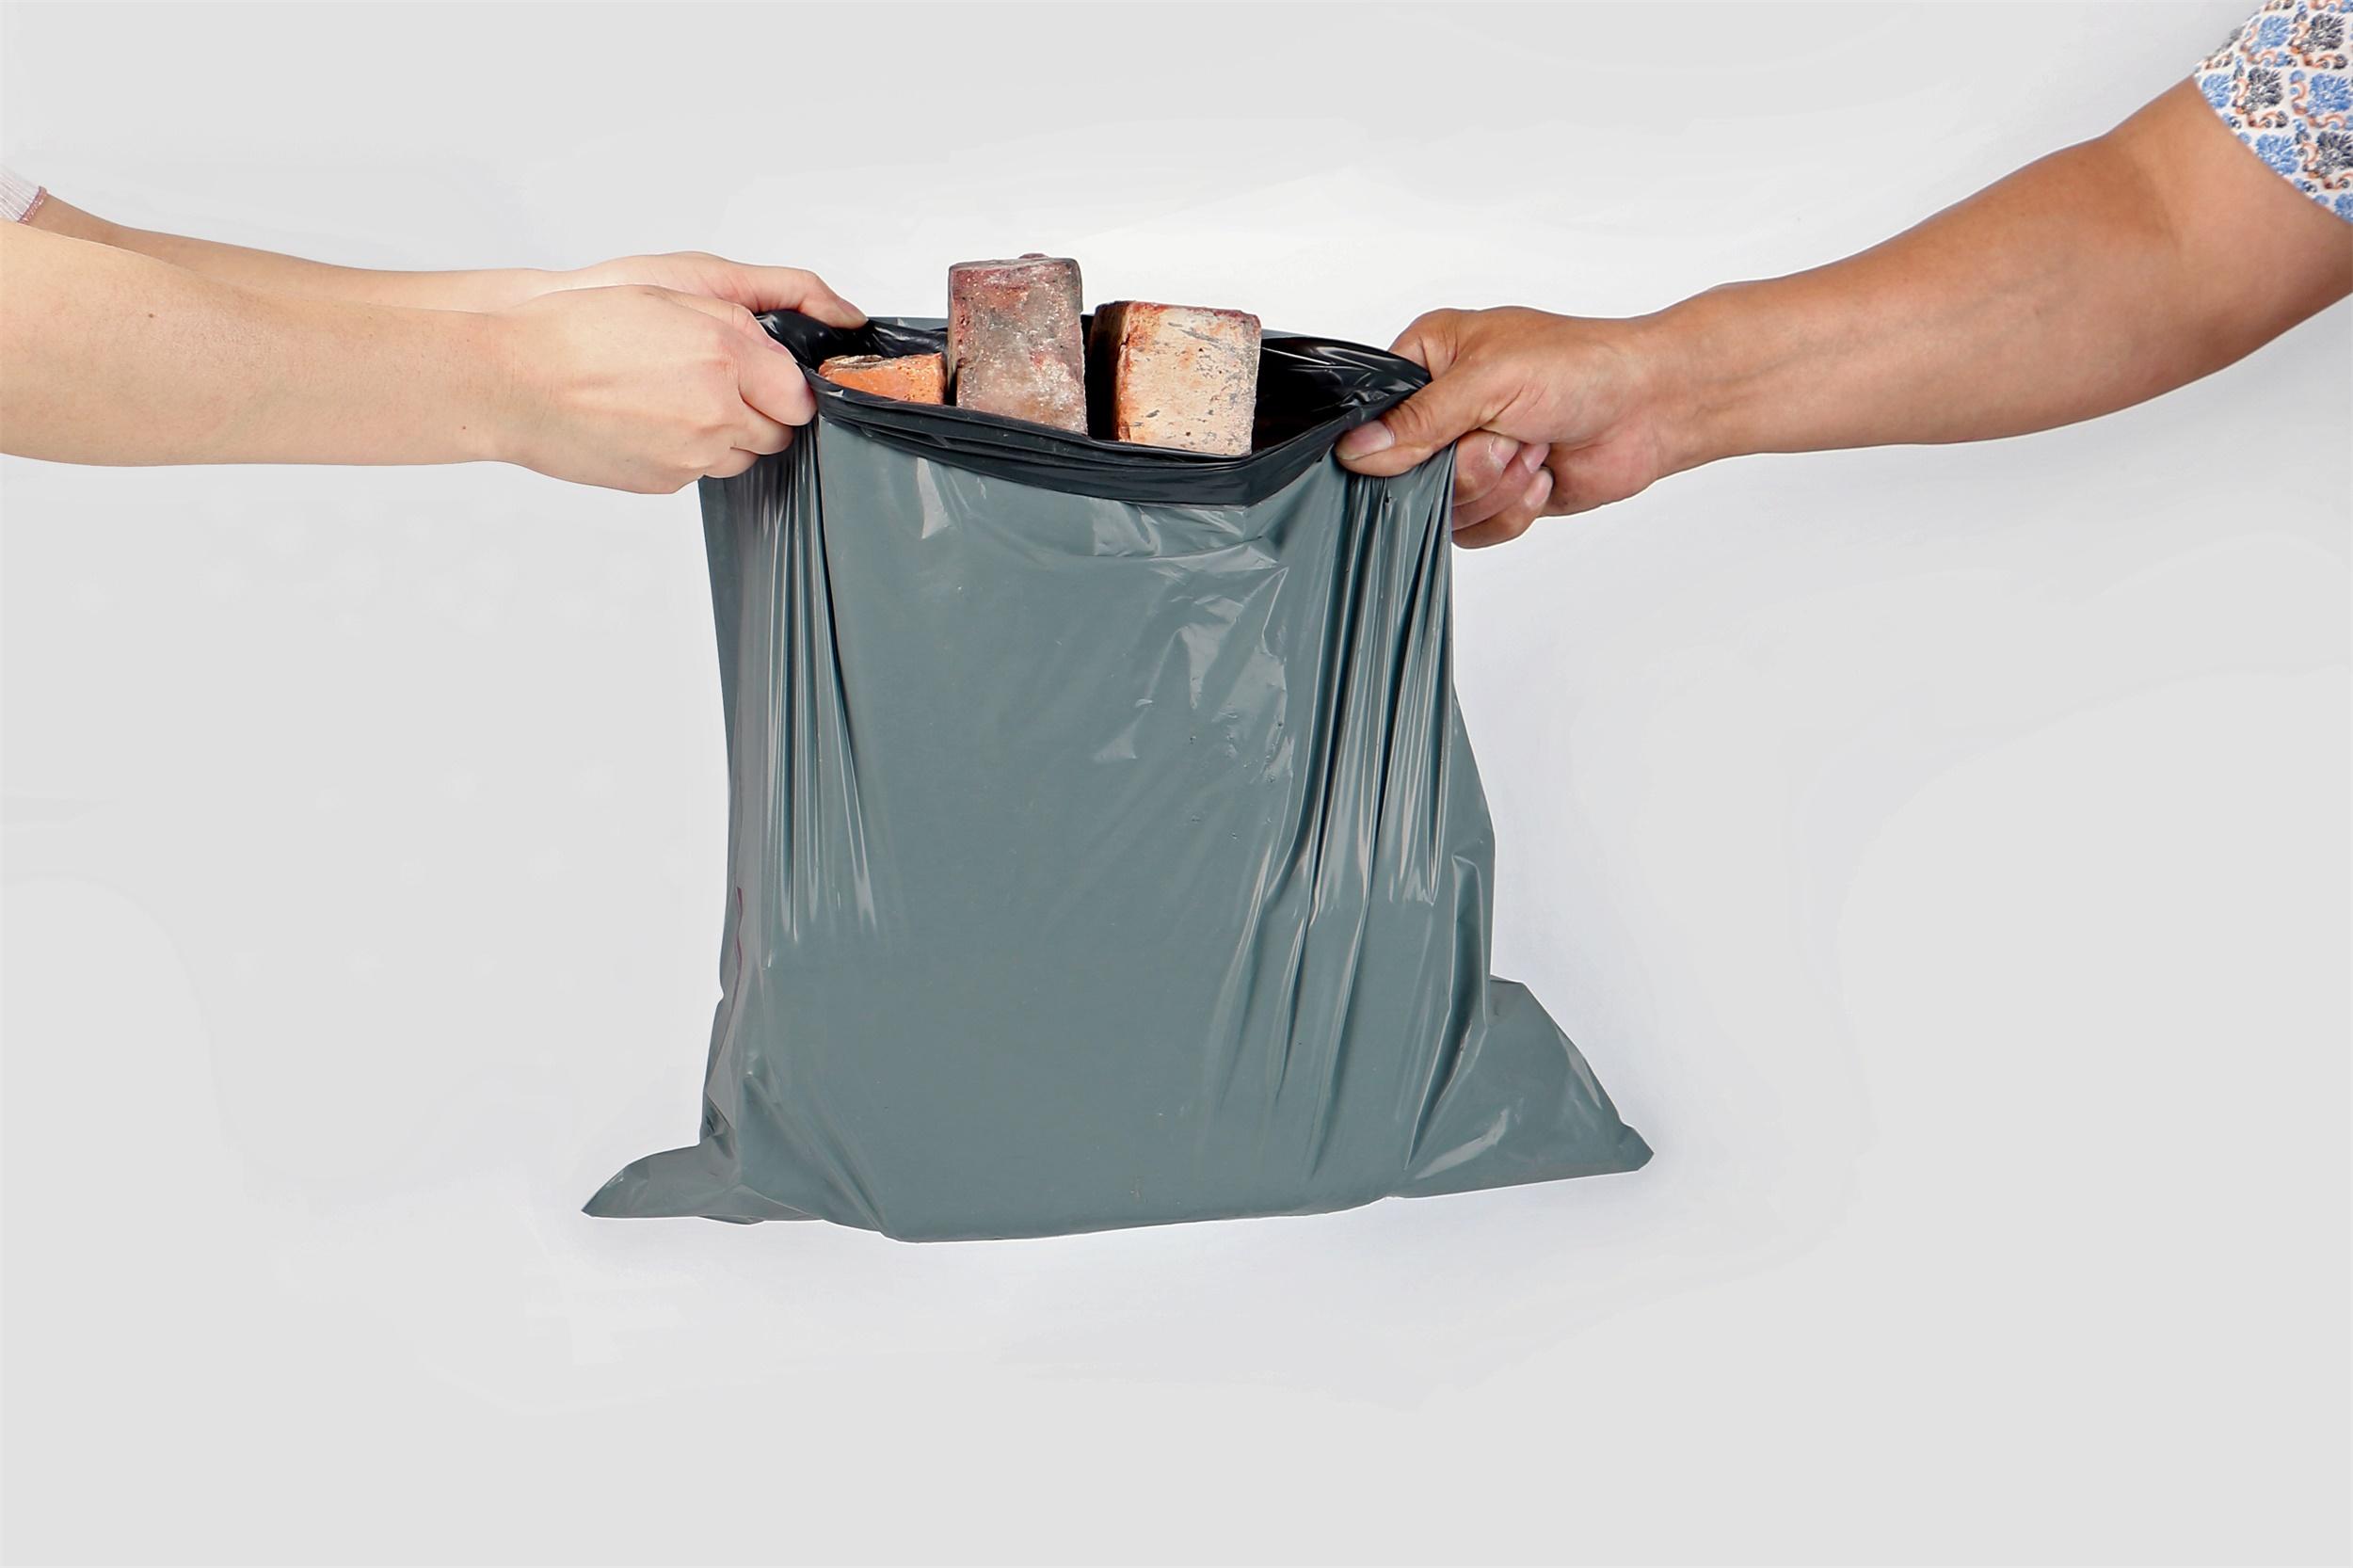 印刷亚博ios下载袋加工吹塑的工艺控制要点